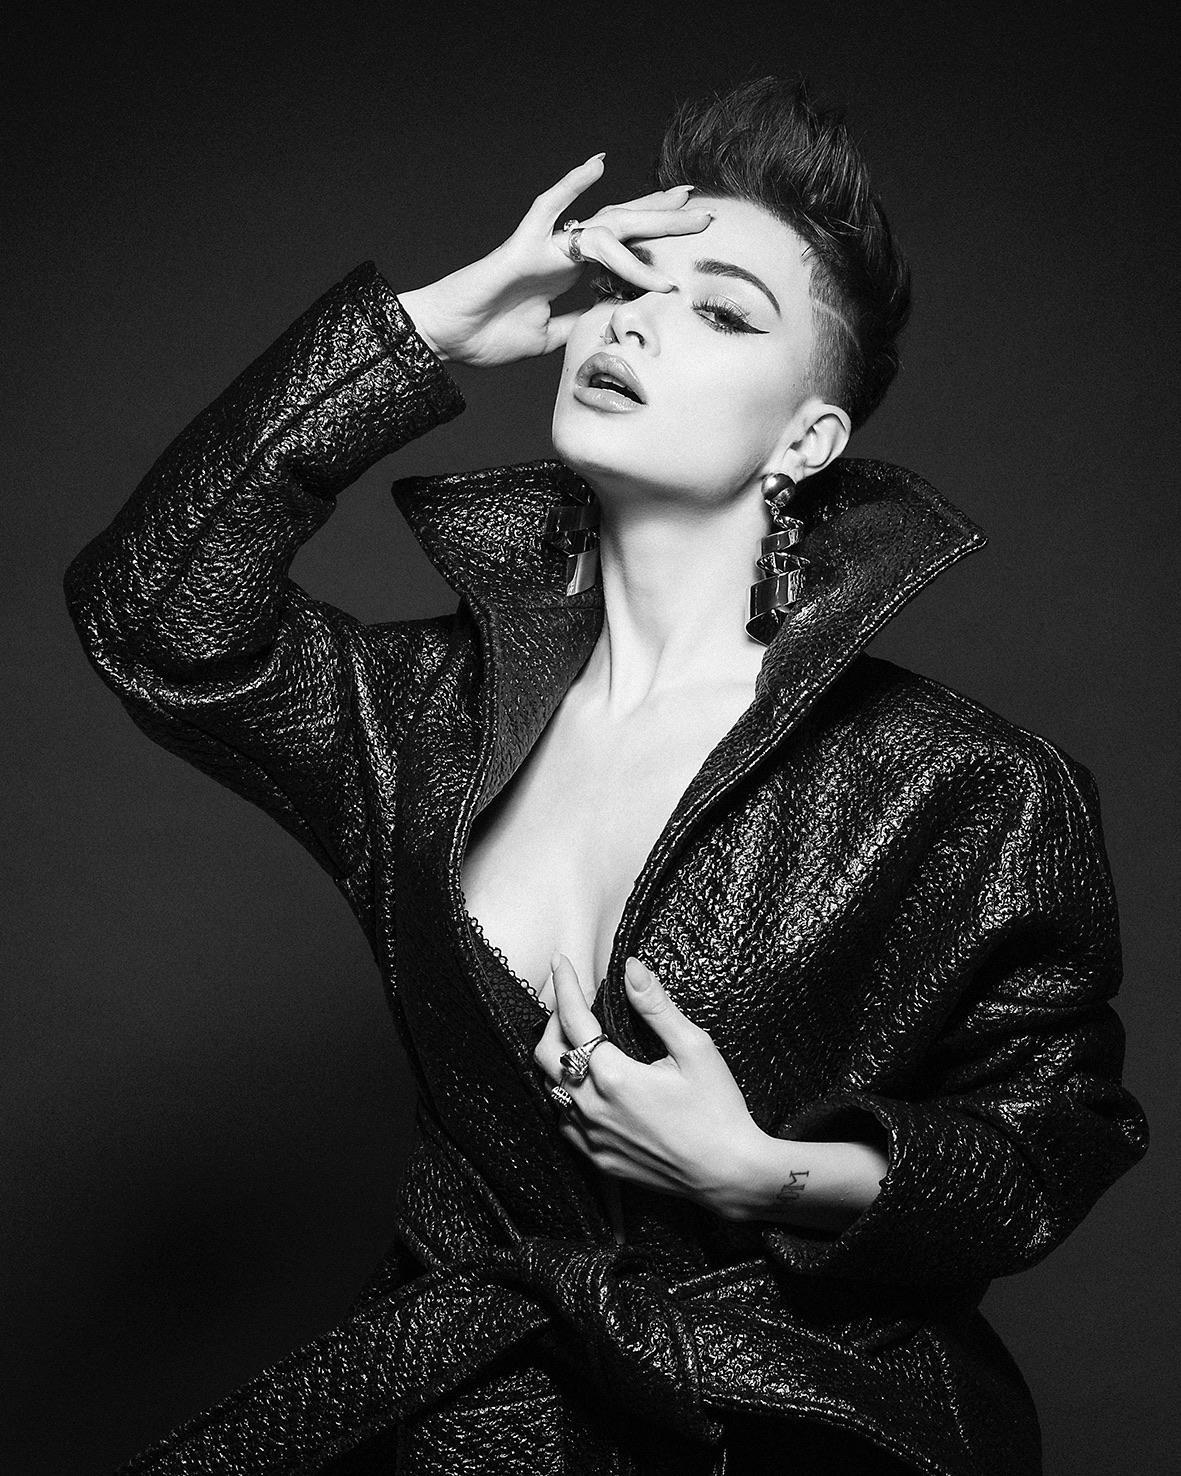 Categorie: Fashion, Glamour, Portrait; Photographer: LEONE RECH DALDOSSO; Art Director: PAOLA PECORARI; Model: MARIA SOCCORSA LAFORGE; Location: Brescia, BS, Italia